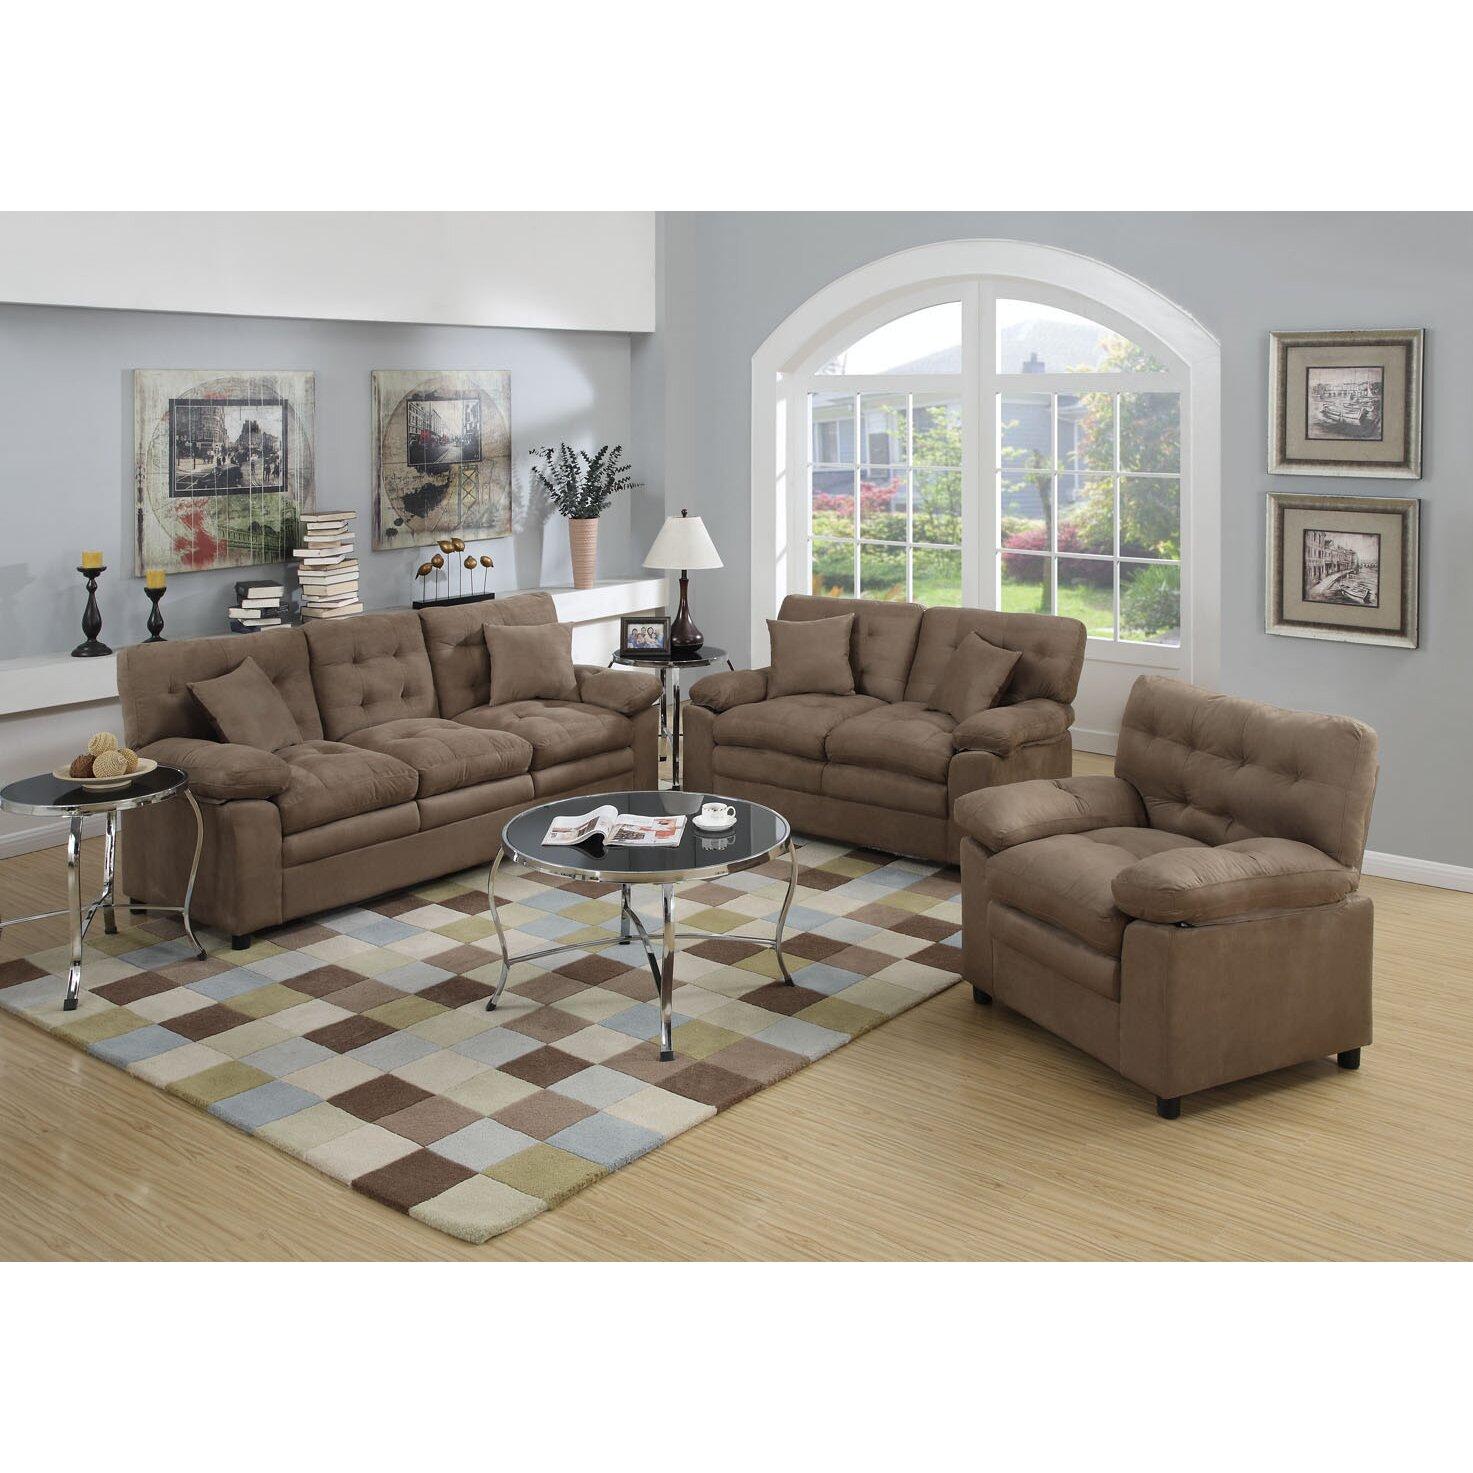 Wayfair Living Room Sets Red Barrel Studio Kingsport 3 Piece Living Room Set Reviews